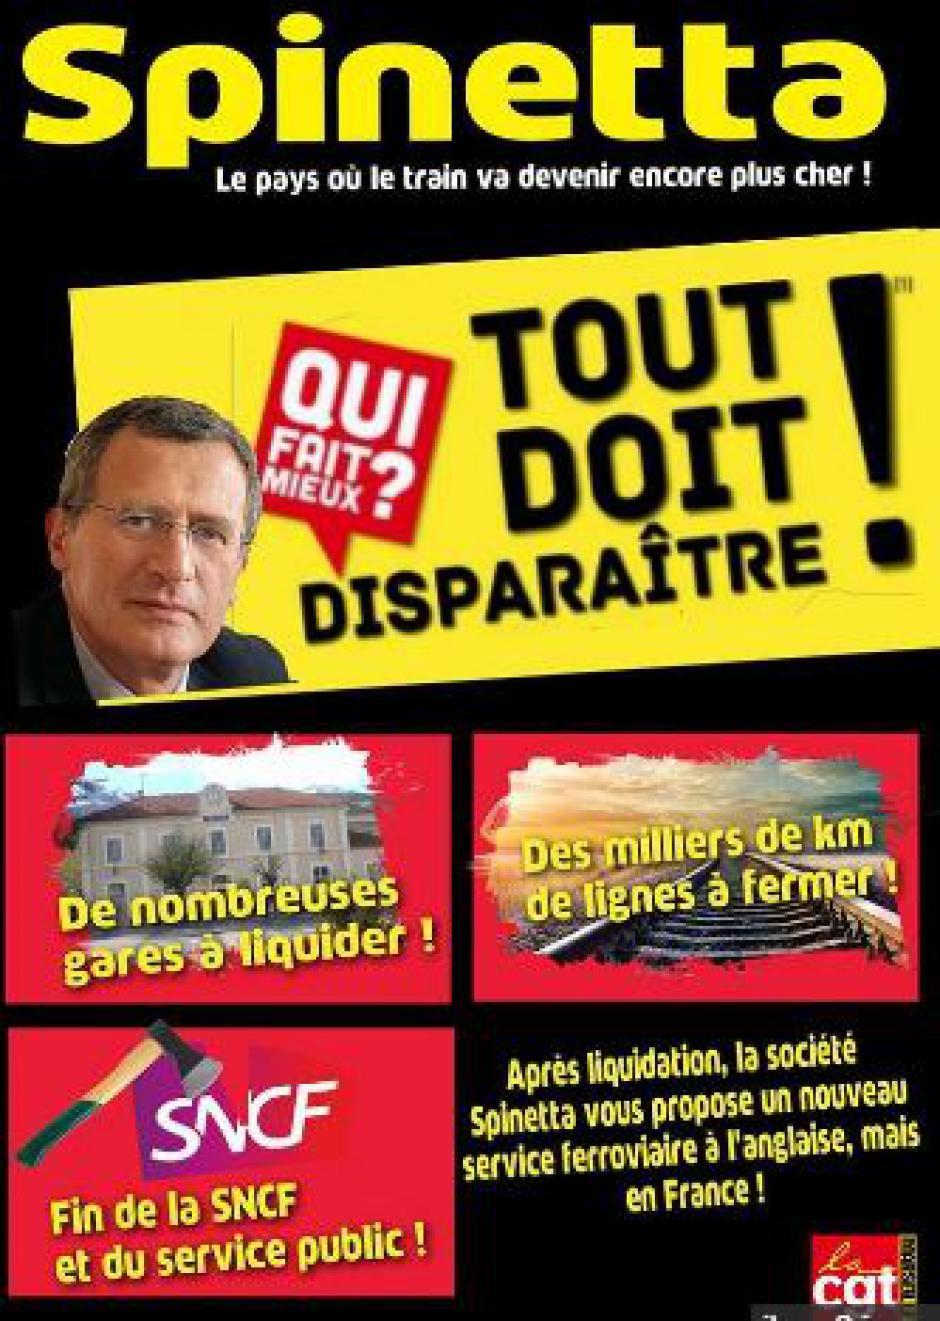 GANG > Spinetta, auteur remarqué d'un récent rapport de casse de la SNCF